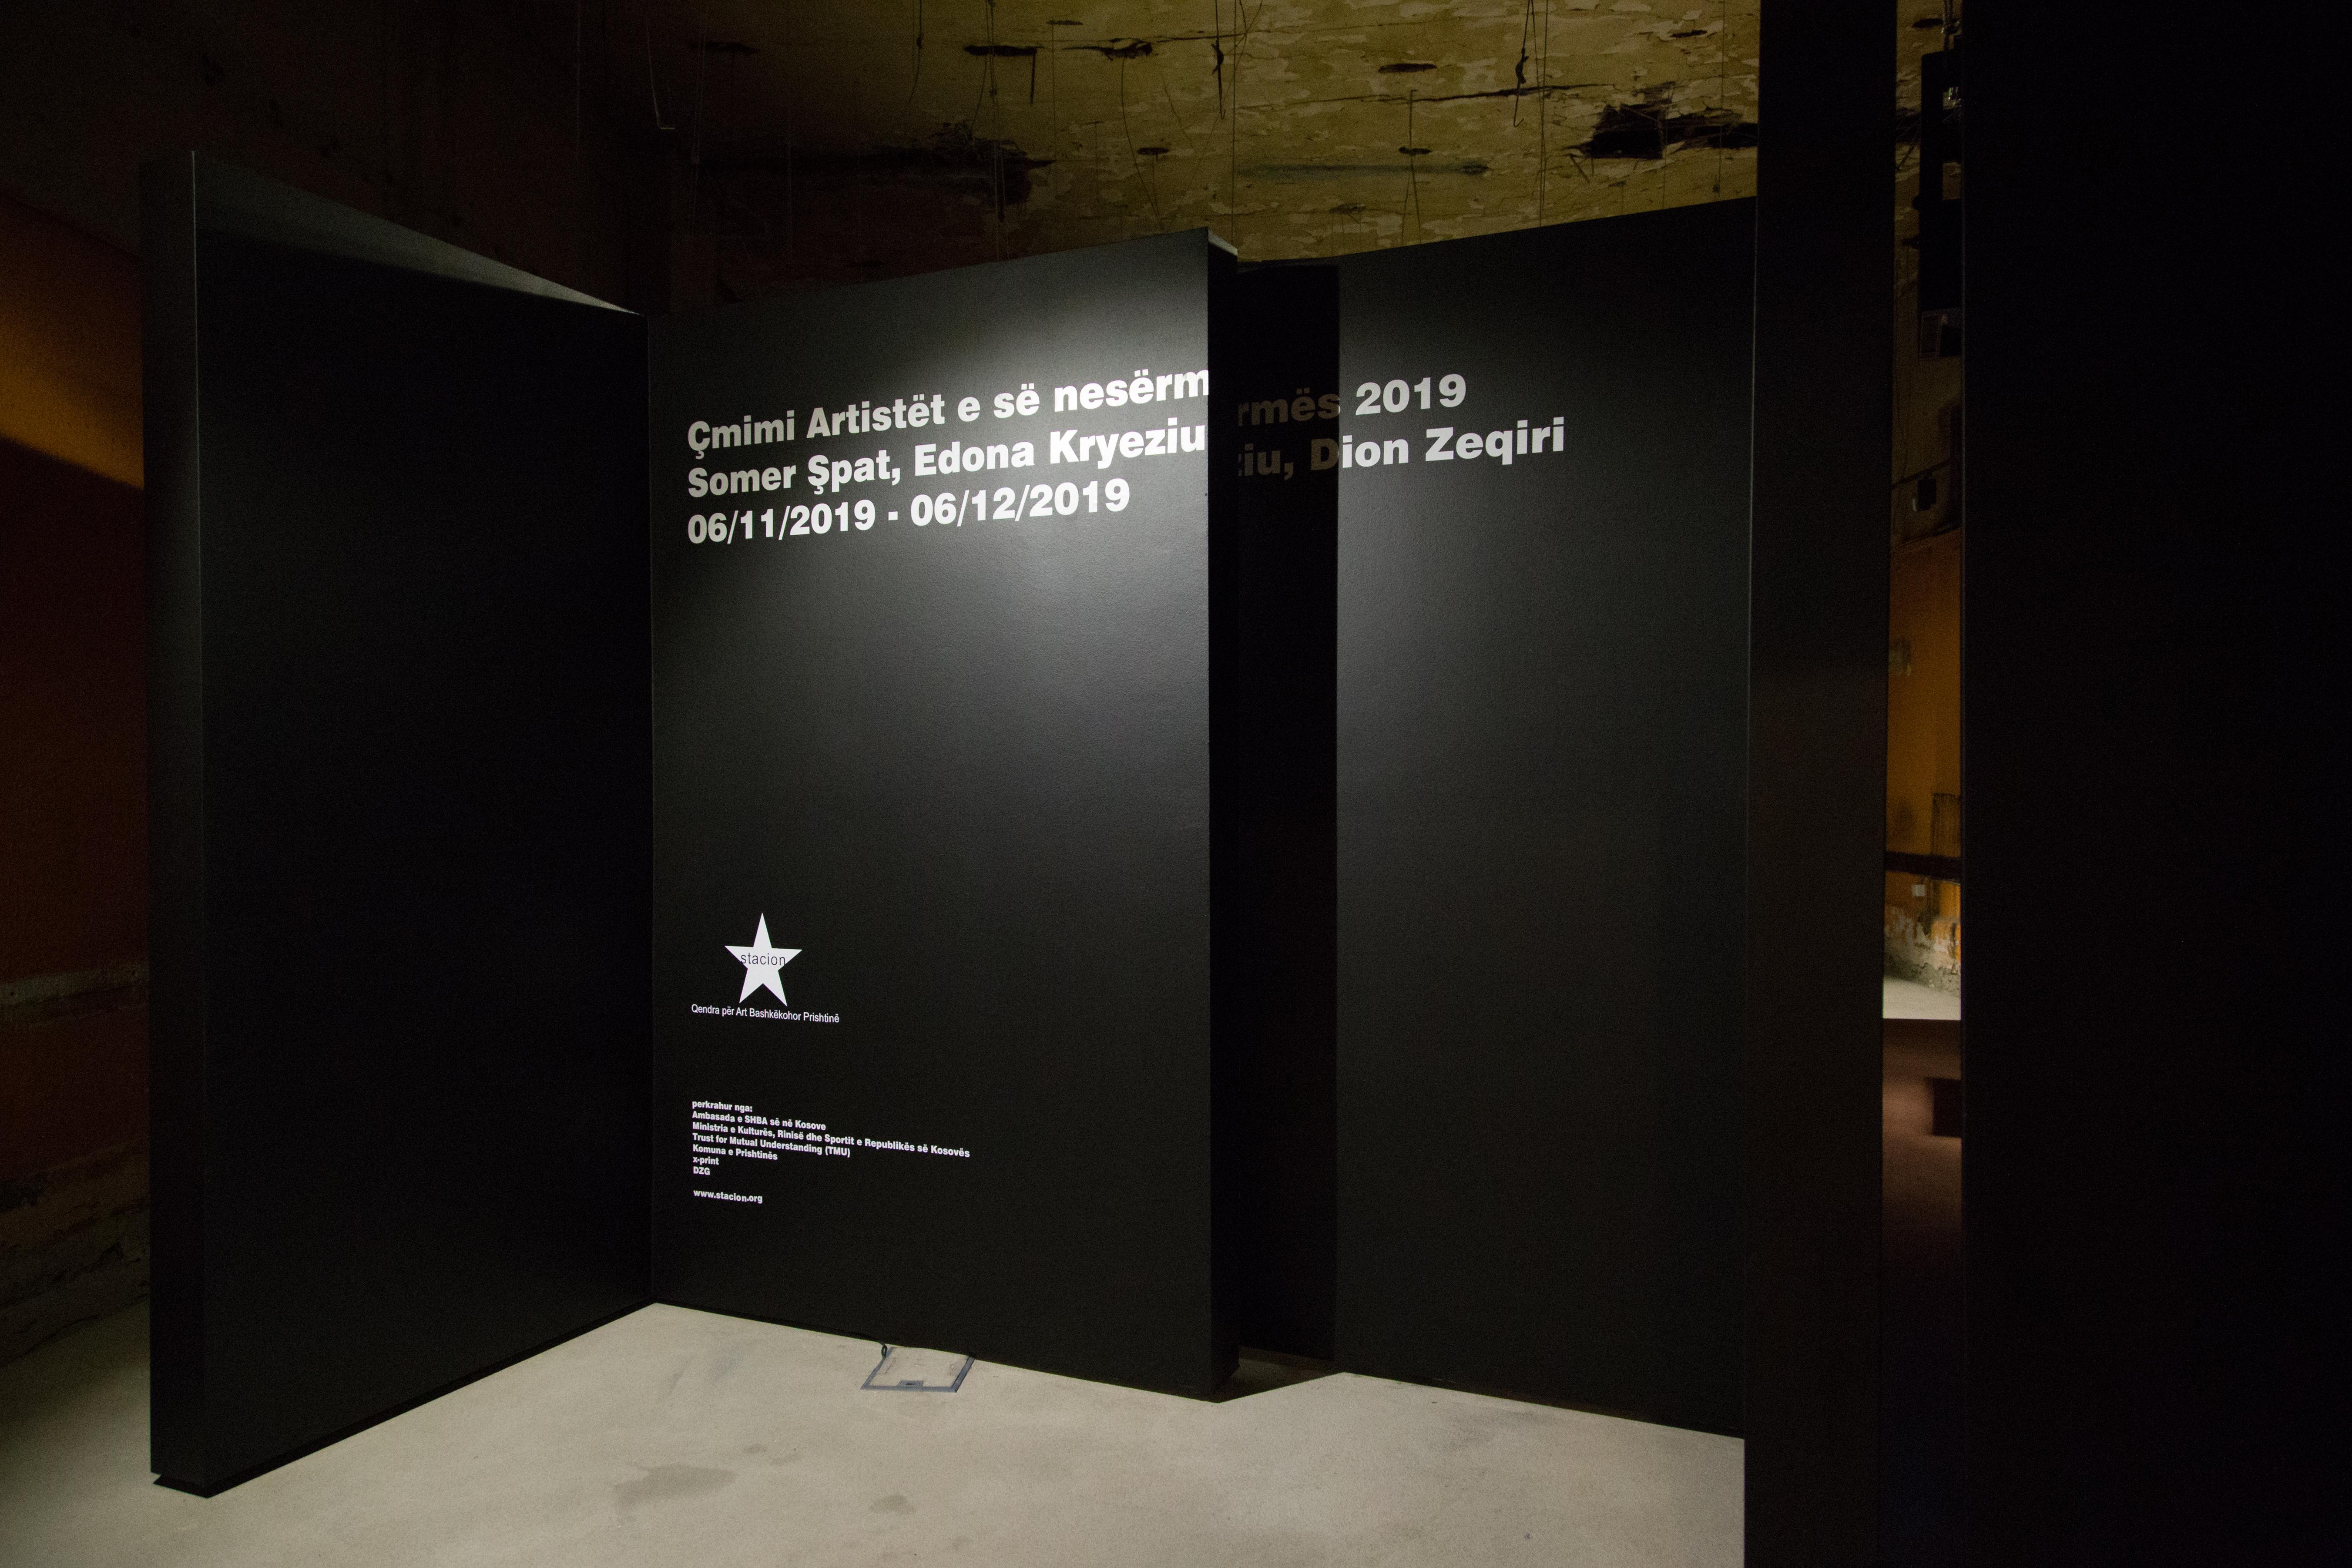 Ekspozita e finalistëve të çmimit AeN 2019